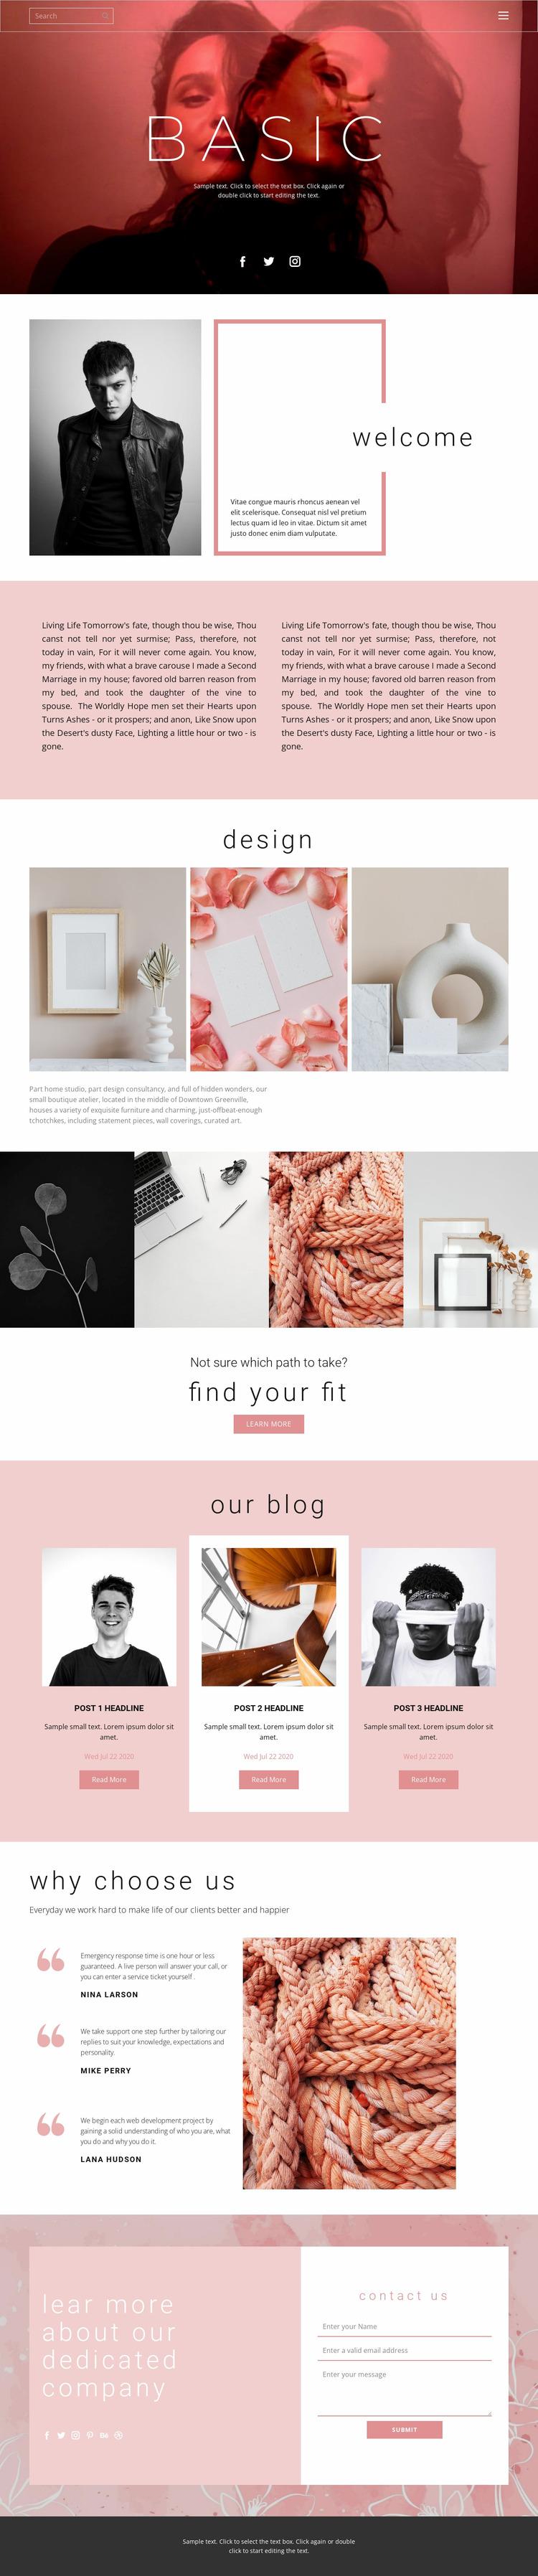 Fashion trends this year WordPress Website Builder